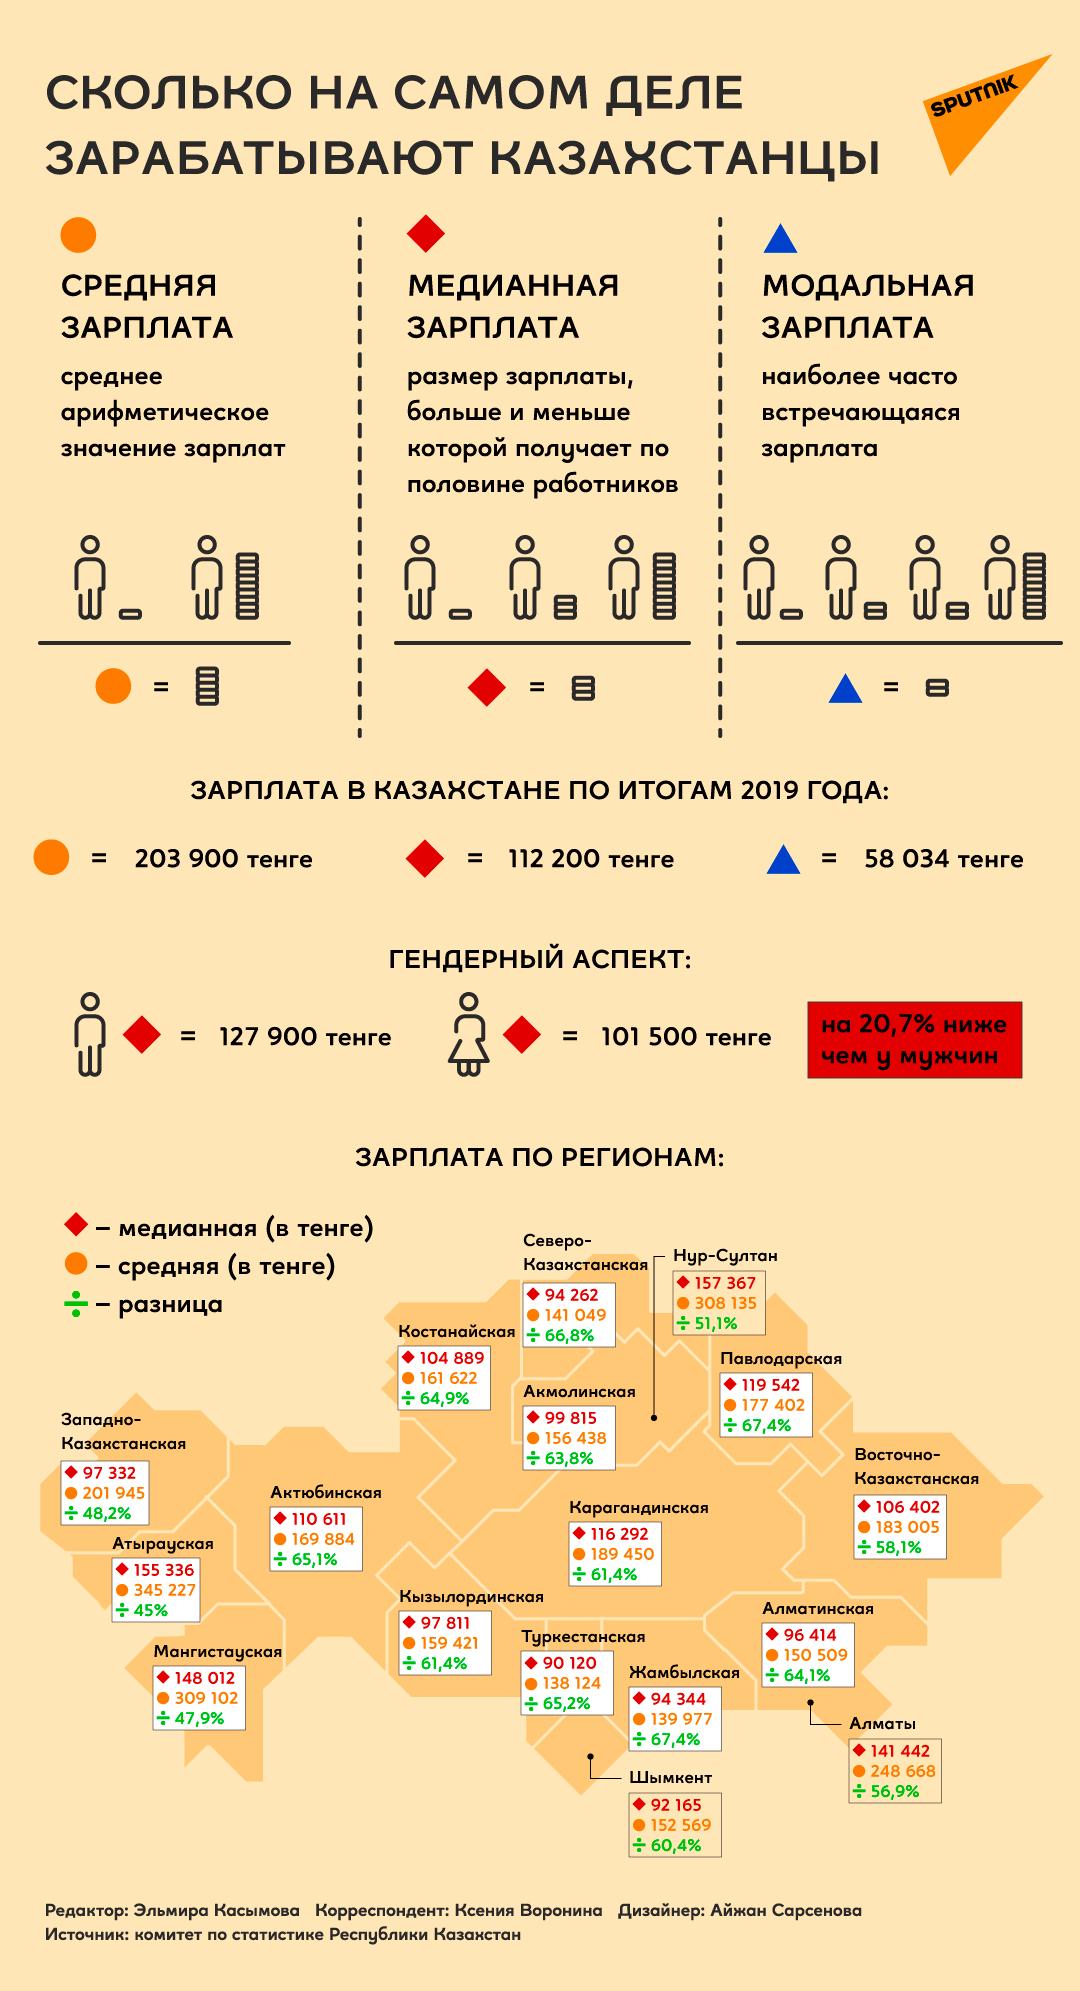 Инфографика: сколько на самом деле зарабатывают казахстанцы